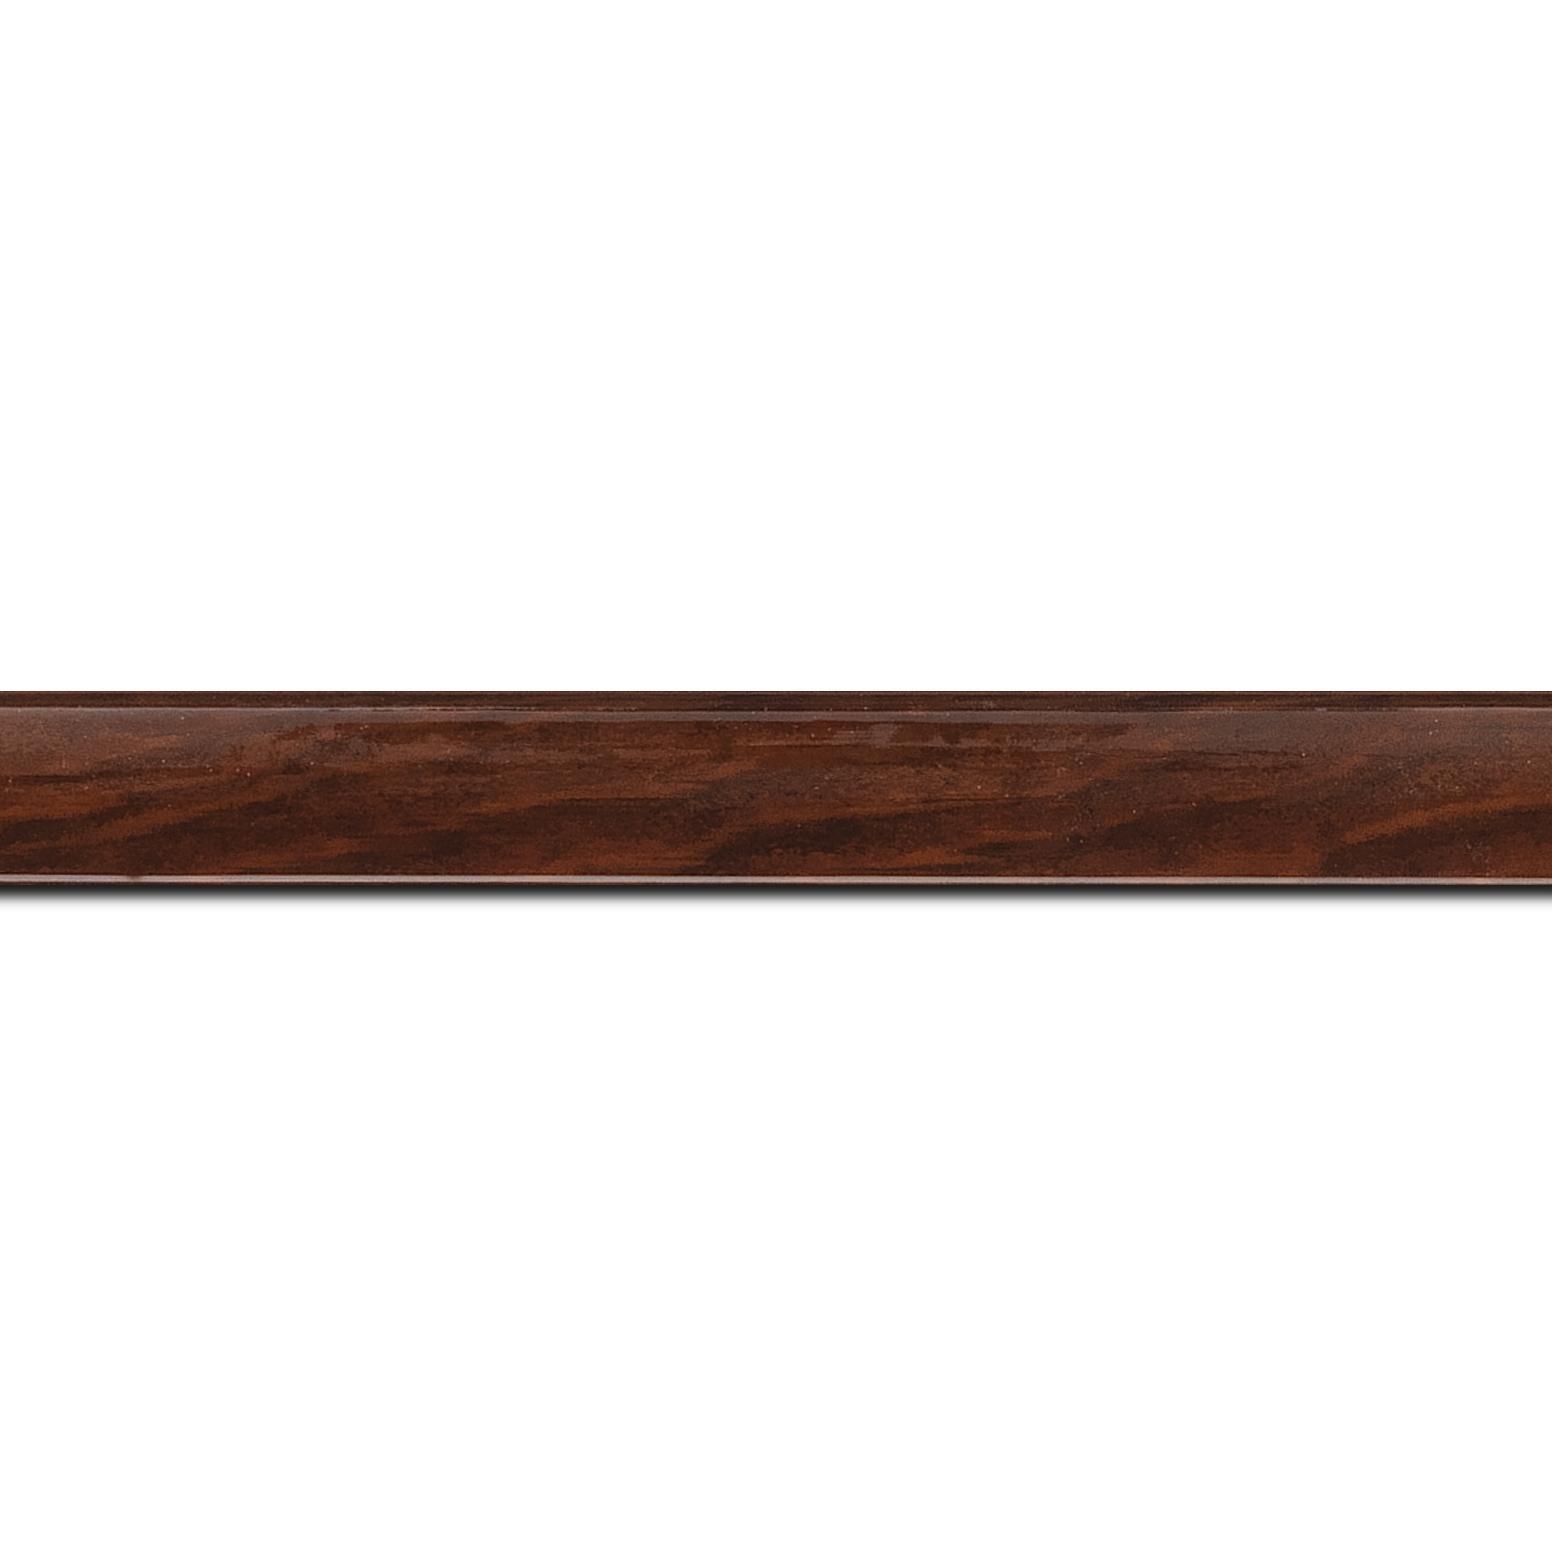 Pack par 12m, bois profil arrondi plongeant largeur 2cm couleur marron vernis sur pin (veine du bois apparent) (longueur baguette pouvant varier entre 2.40m et 3m selon arrivage des bois)